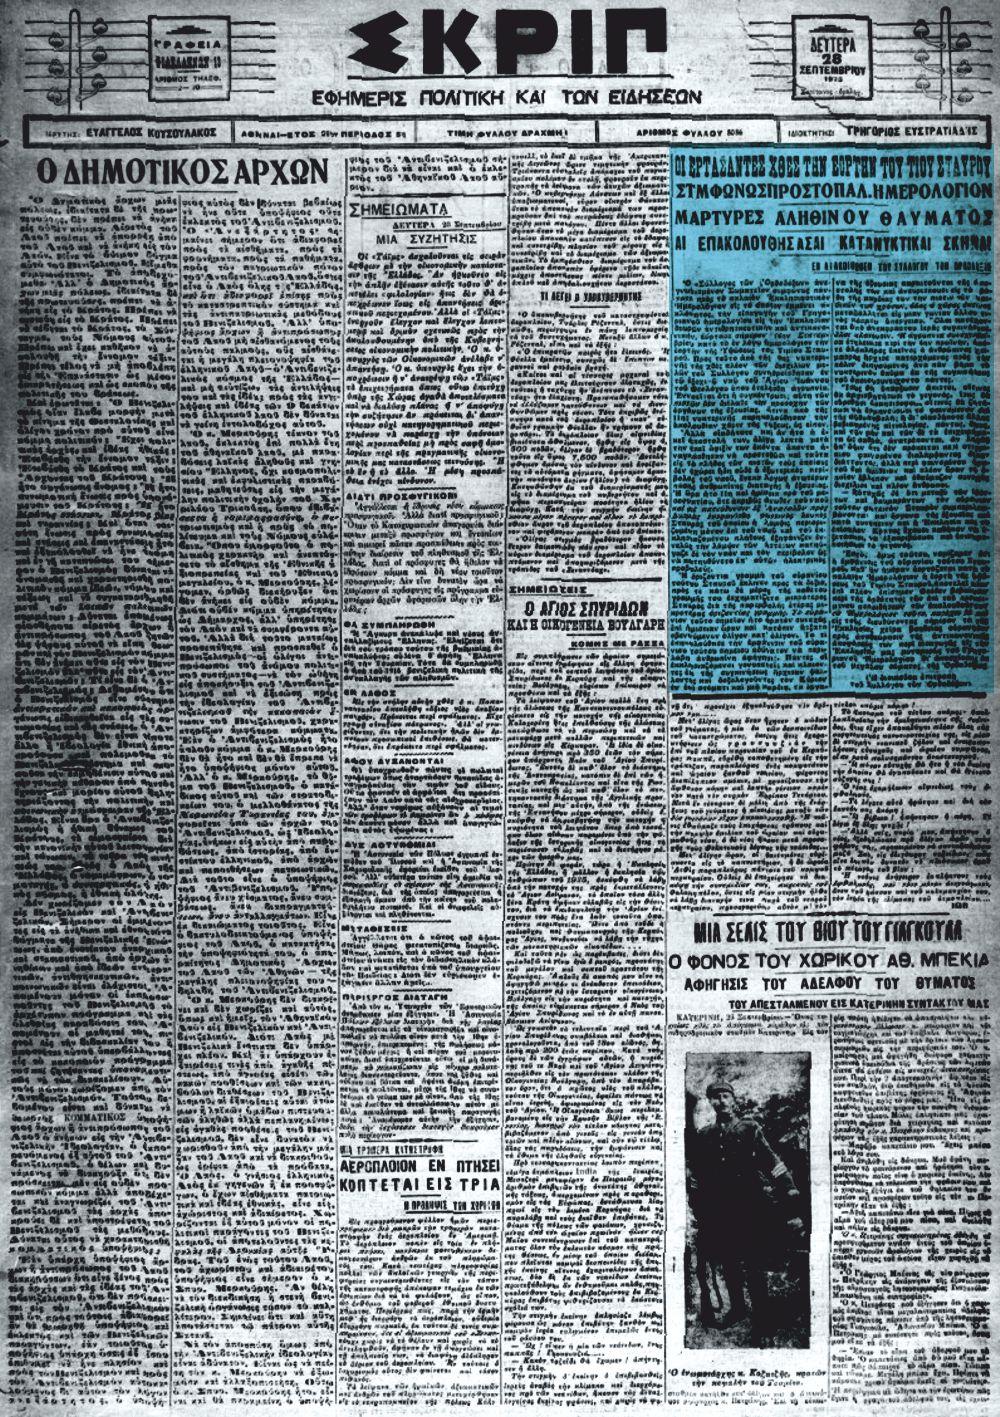 """Το άρθρο, όπως δημοσιεύθηκε στην εφημερίδα """"ΣΚΡΙΠ"""", στις 28/09/1925"""